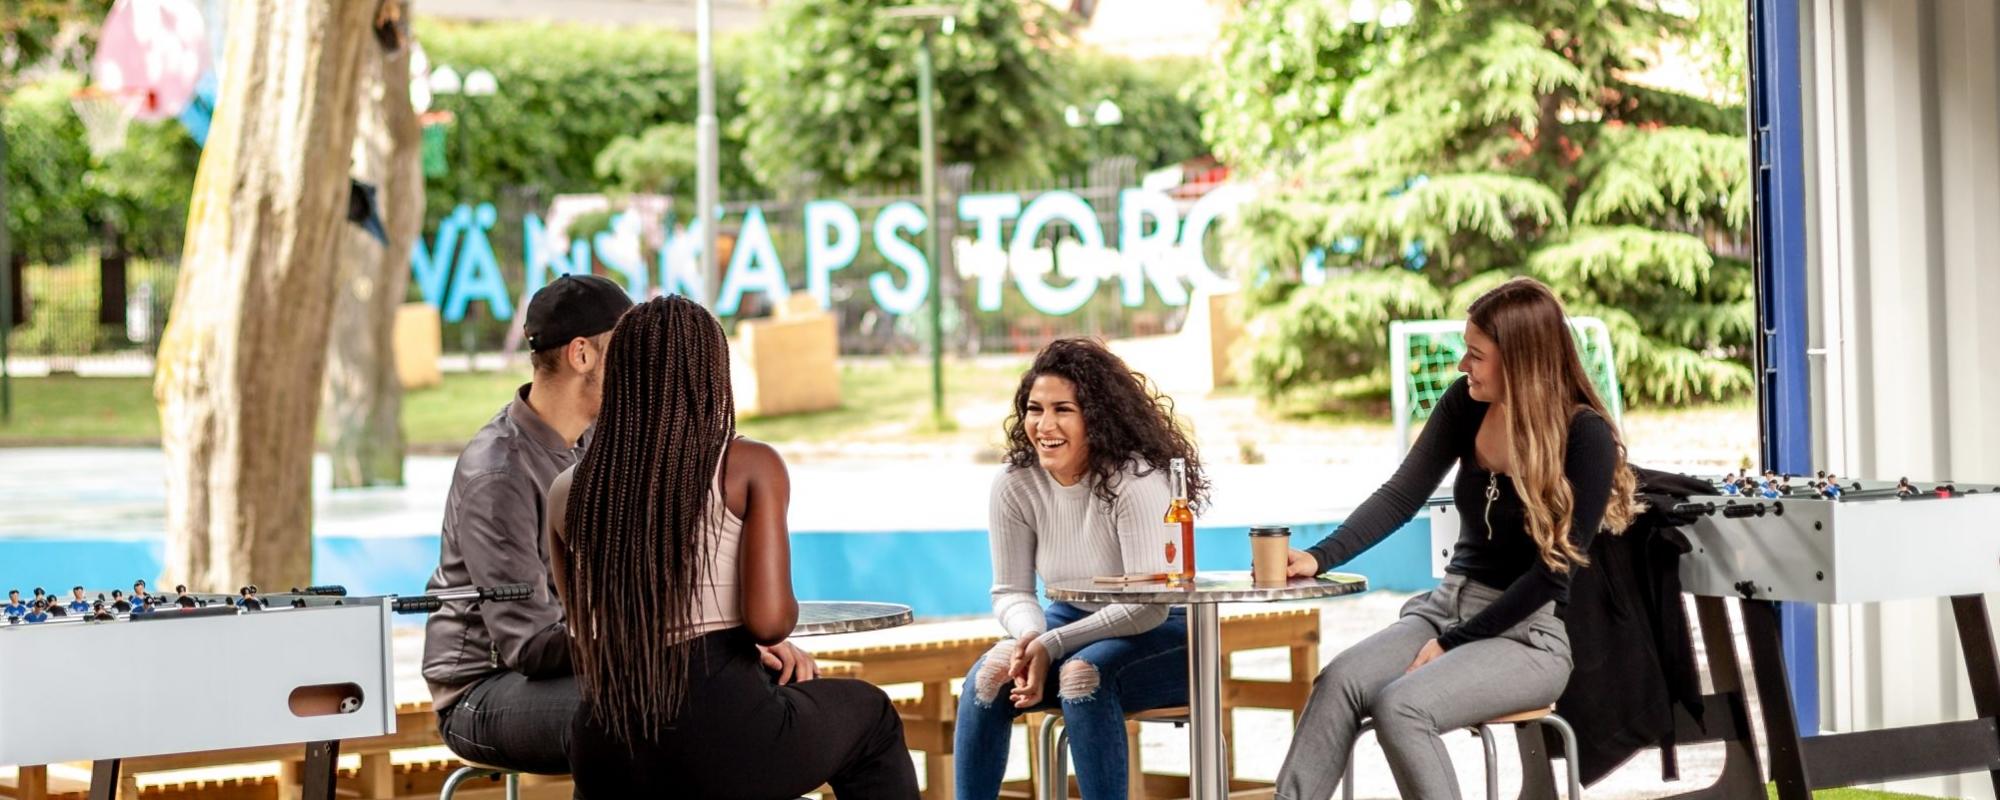 Fyra personer sitter och samtaler, en skrattar. I bakgrunden skymtar texten Vänskapstorget